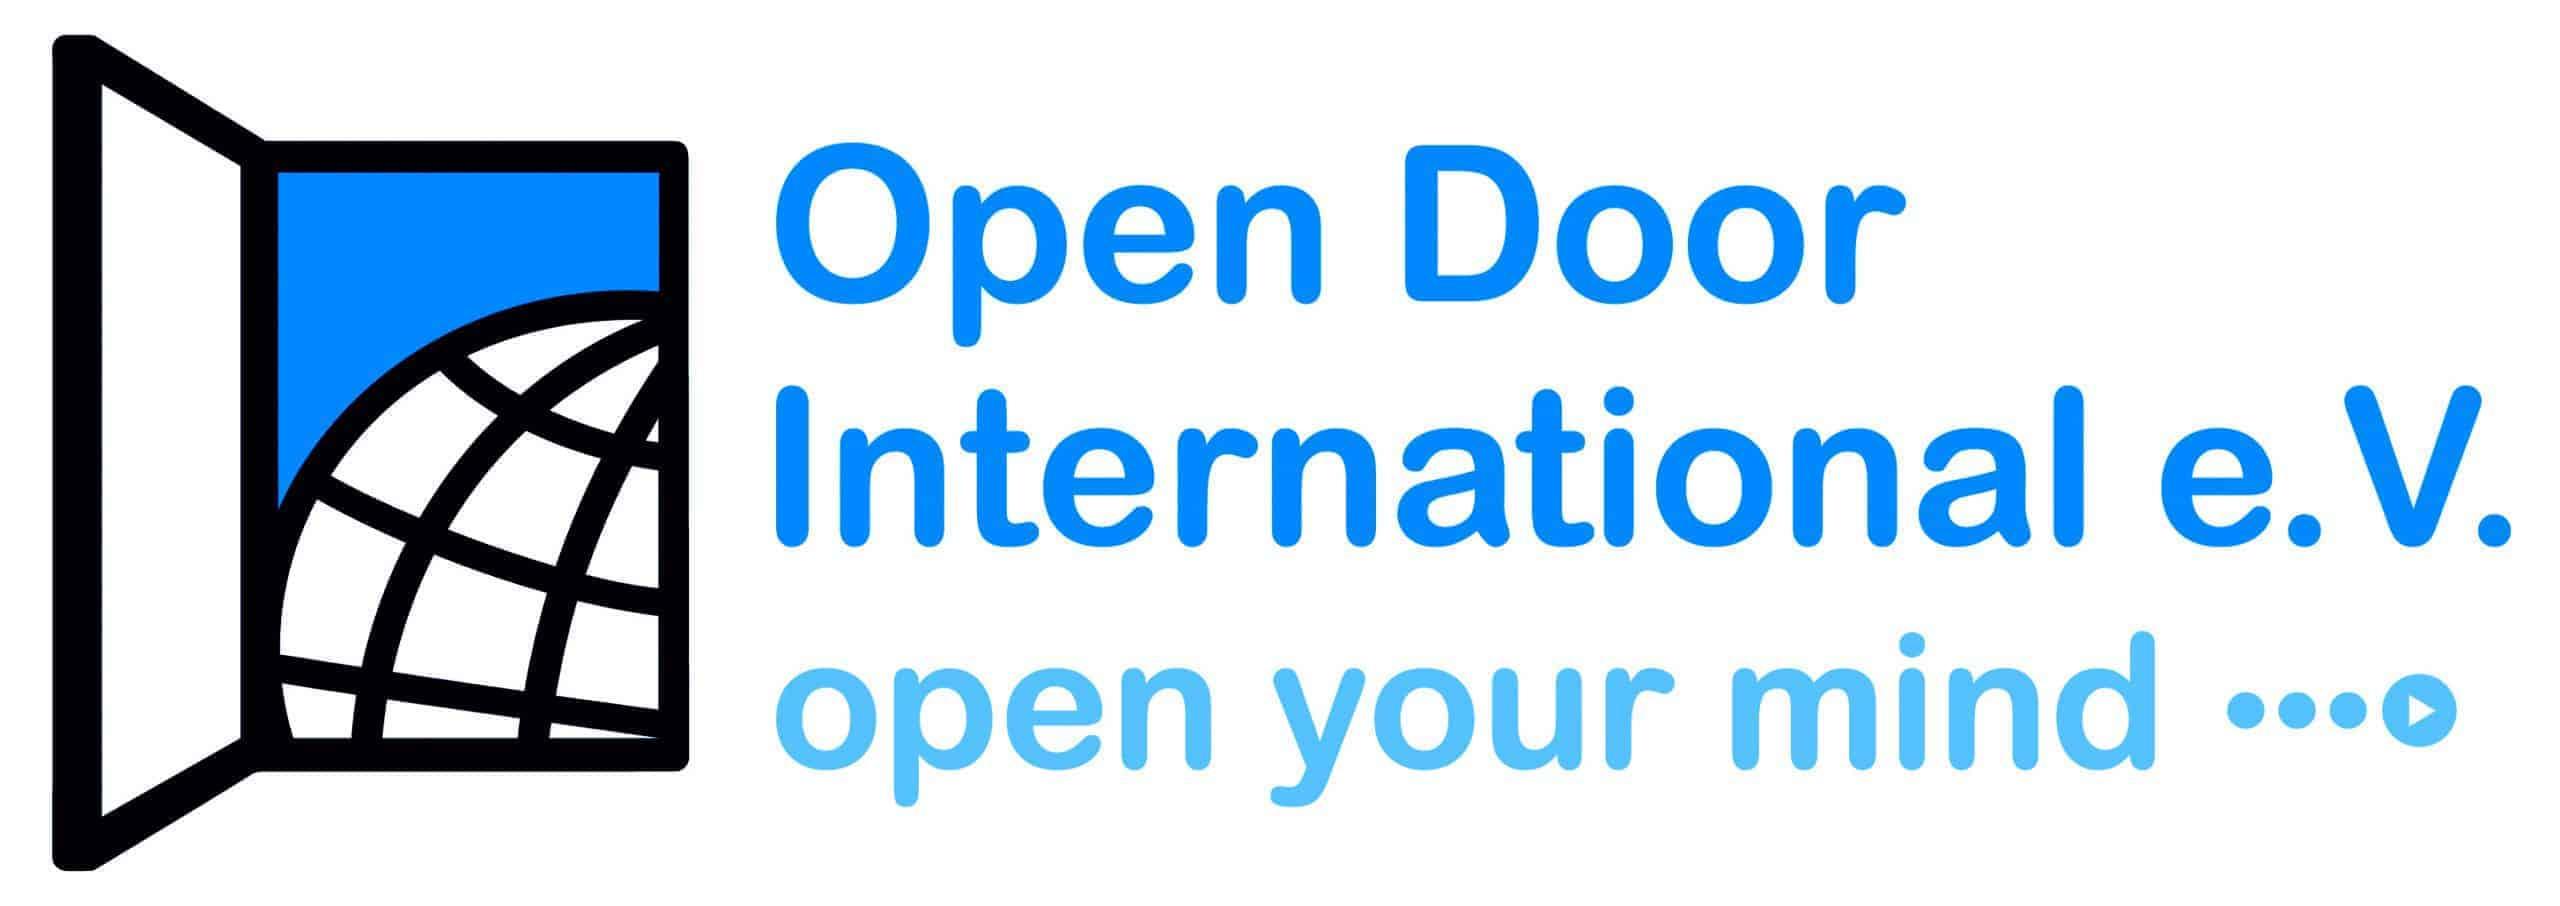 Open Door International e.V. (ODI)